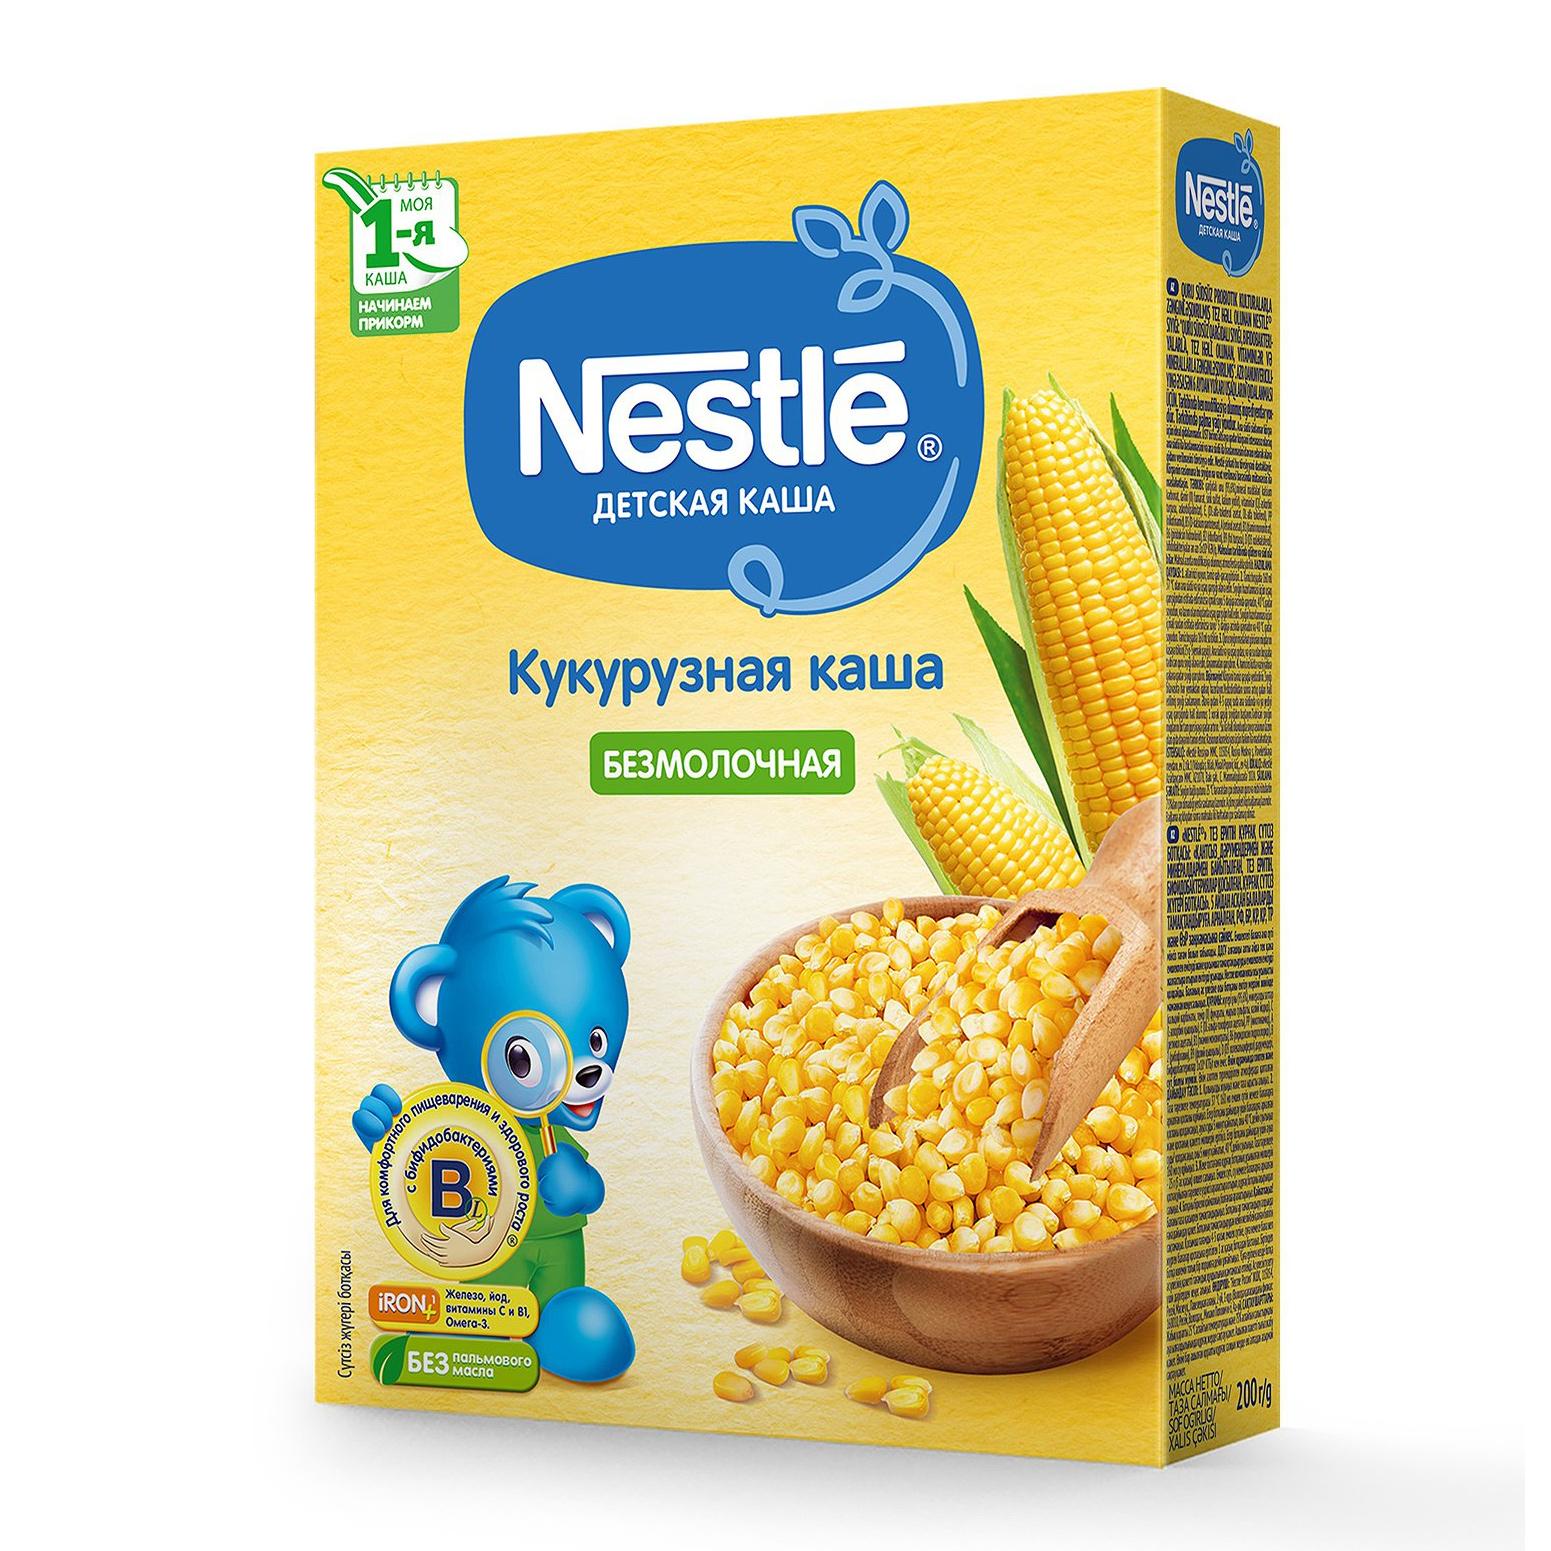 Каша Nestle кукурузная с 5-ти месяцев 200 г hipp каша зерновая кукурузная с 5 месяцев 200 г